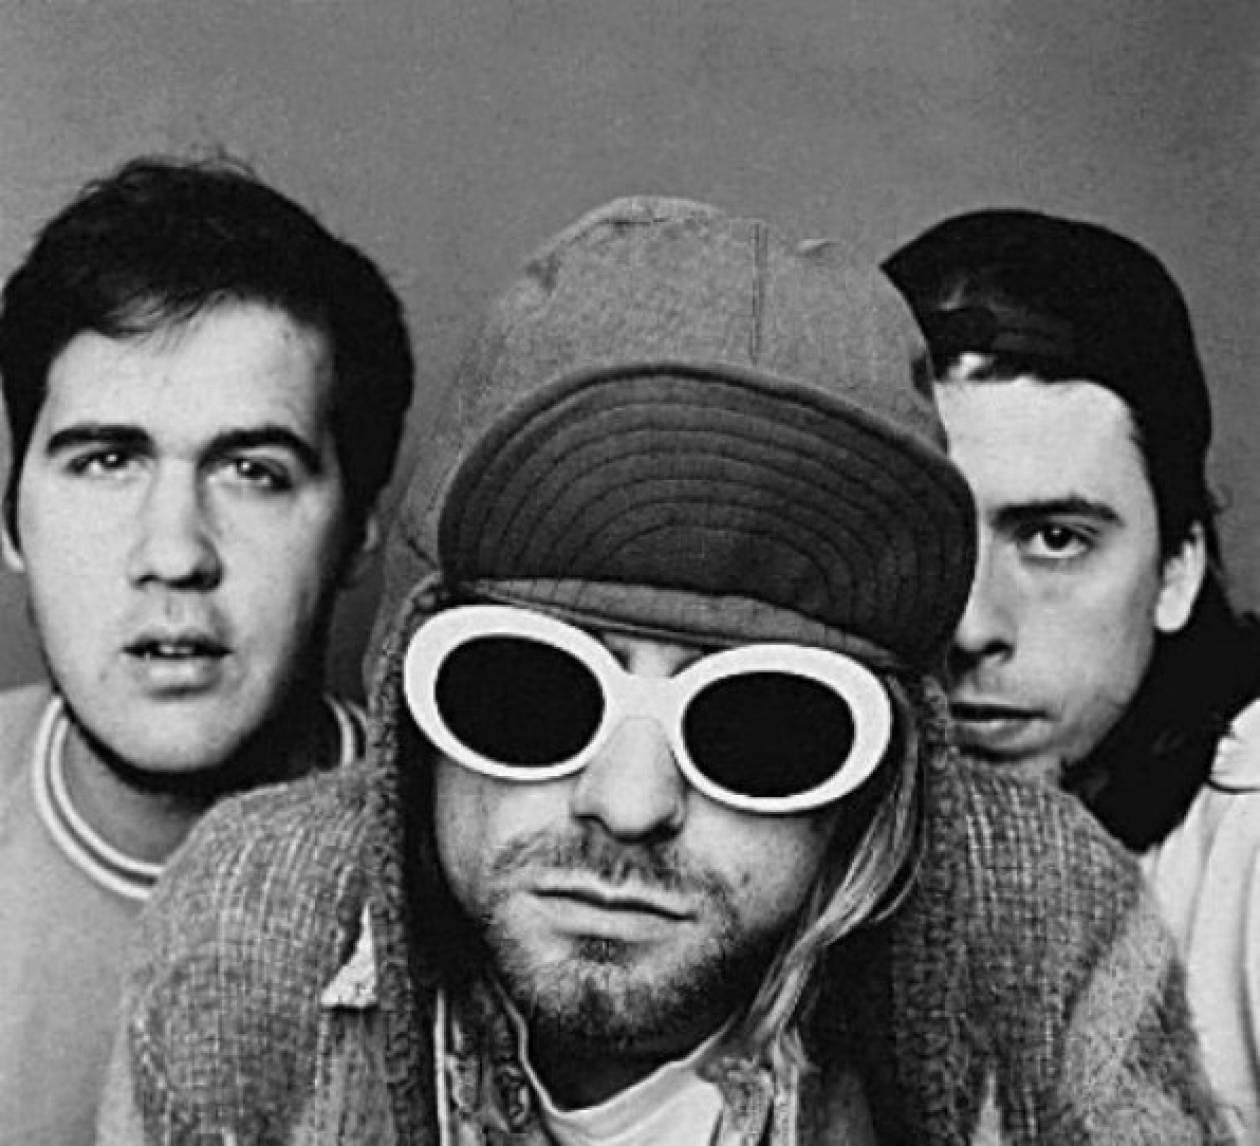 Οι Nirvana ξανά μαζί! Ποιος ροκάς θα τραγουδήσει αντί του Cobain;